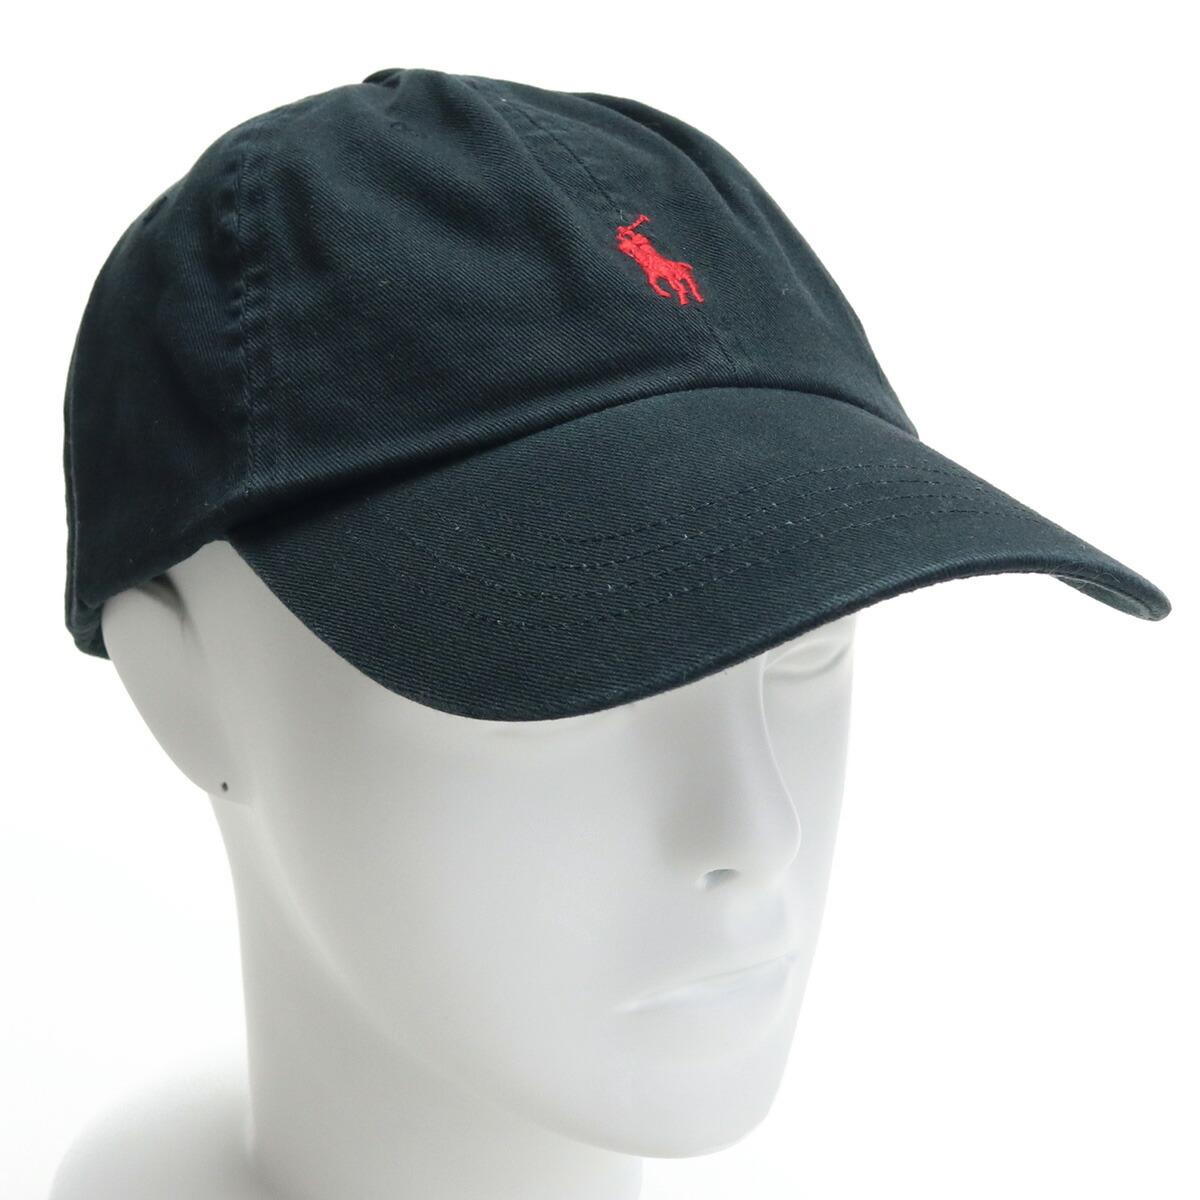 ラルフローレン RALPH LAUREN メンズ-帽子類 710548524 004 BLACK/R ブラック cap-01 メンズ